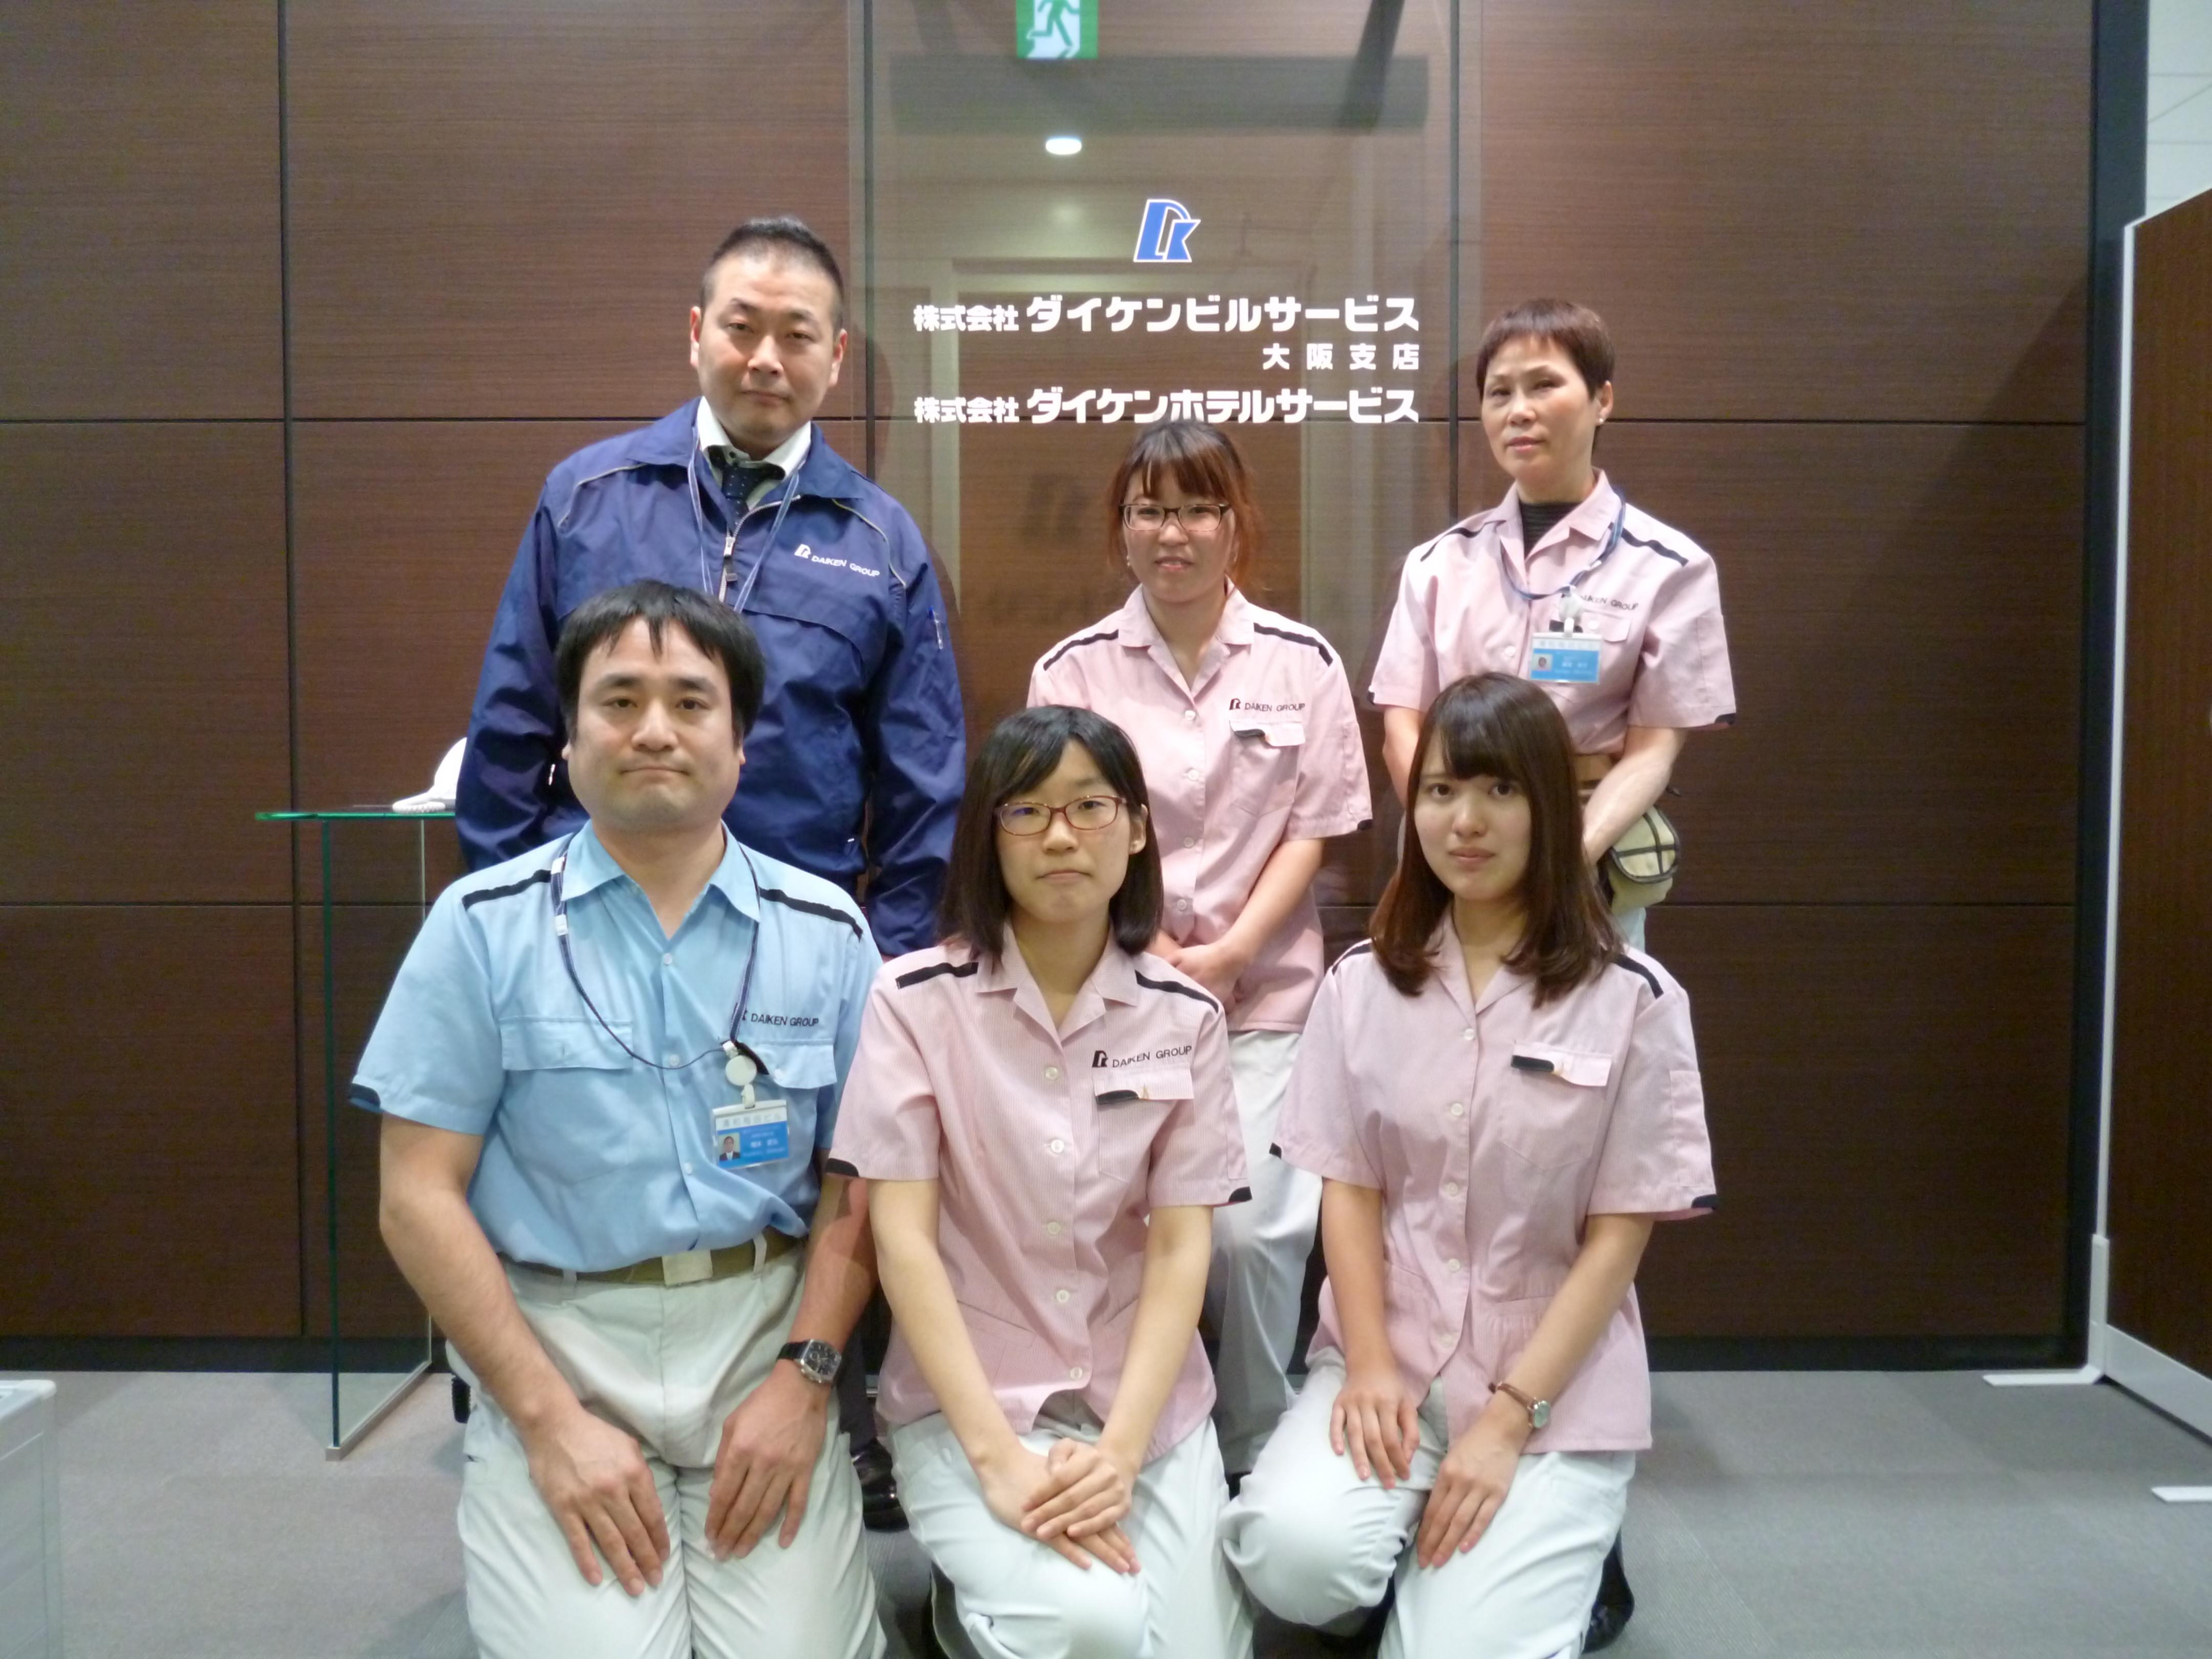 清掃スタッフ 福島区総合病院 株式会社ダイケンビルサービス のアルバイト情報